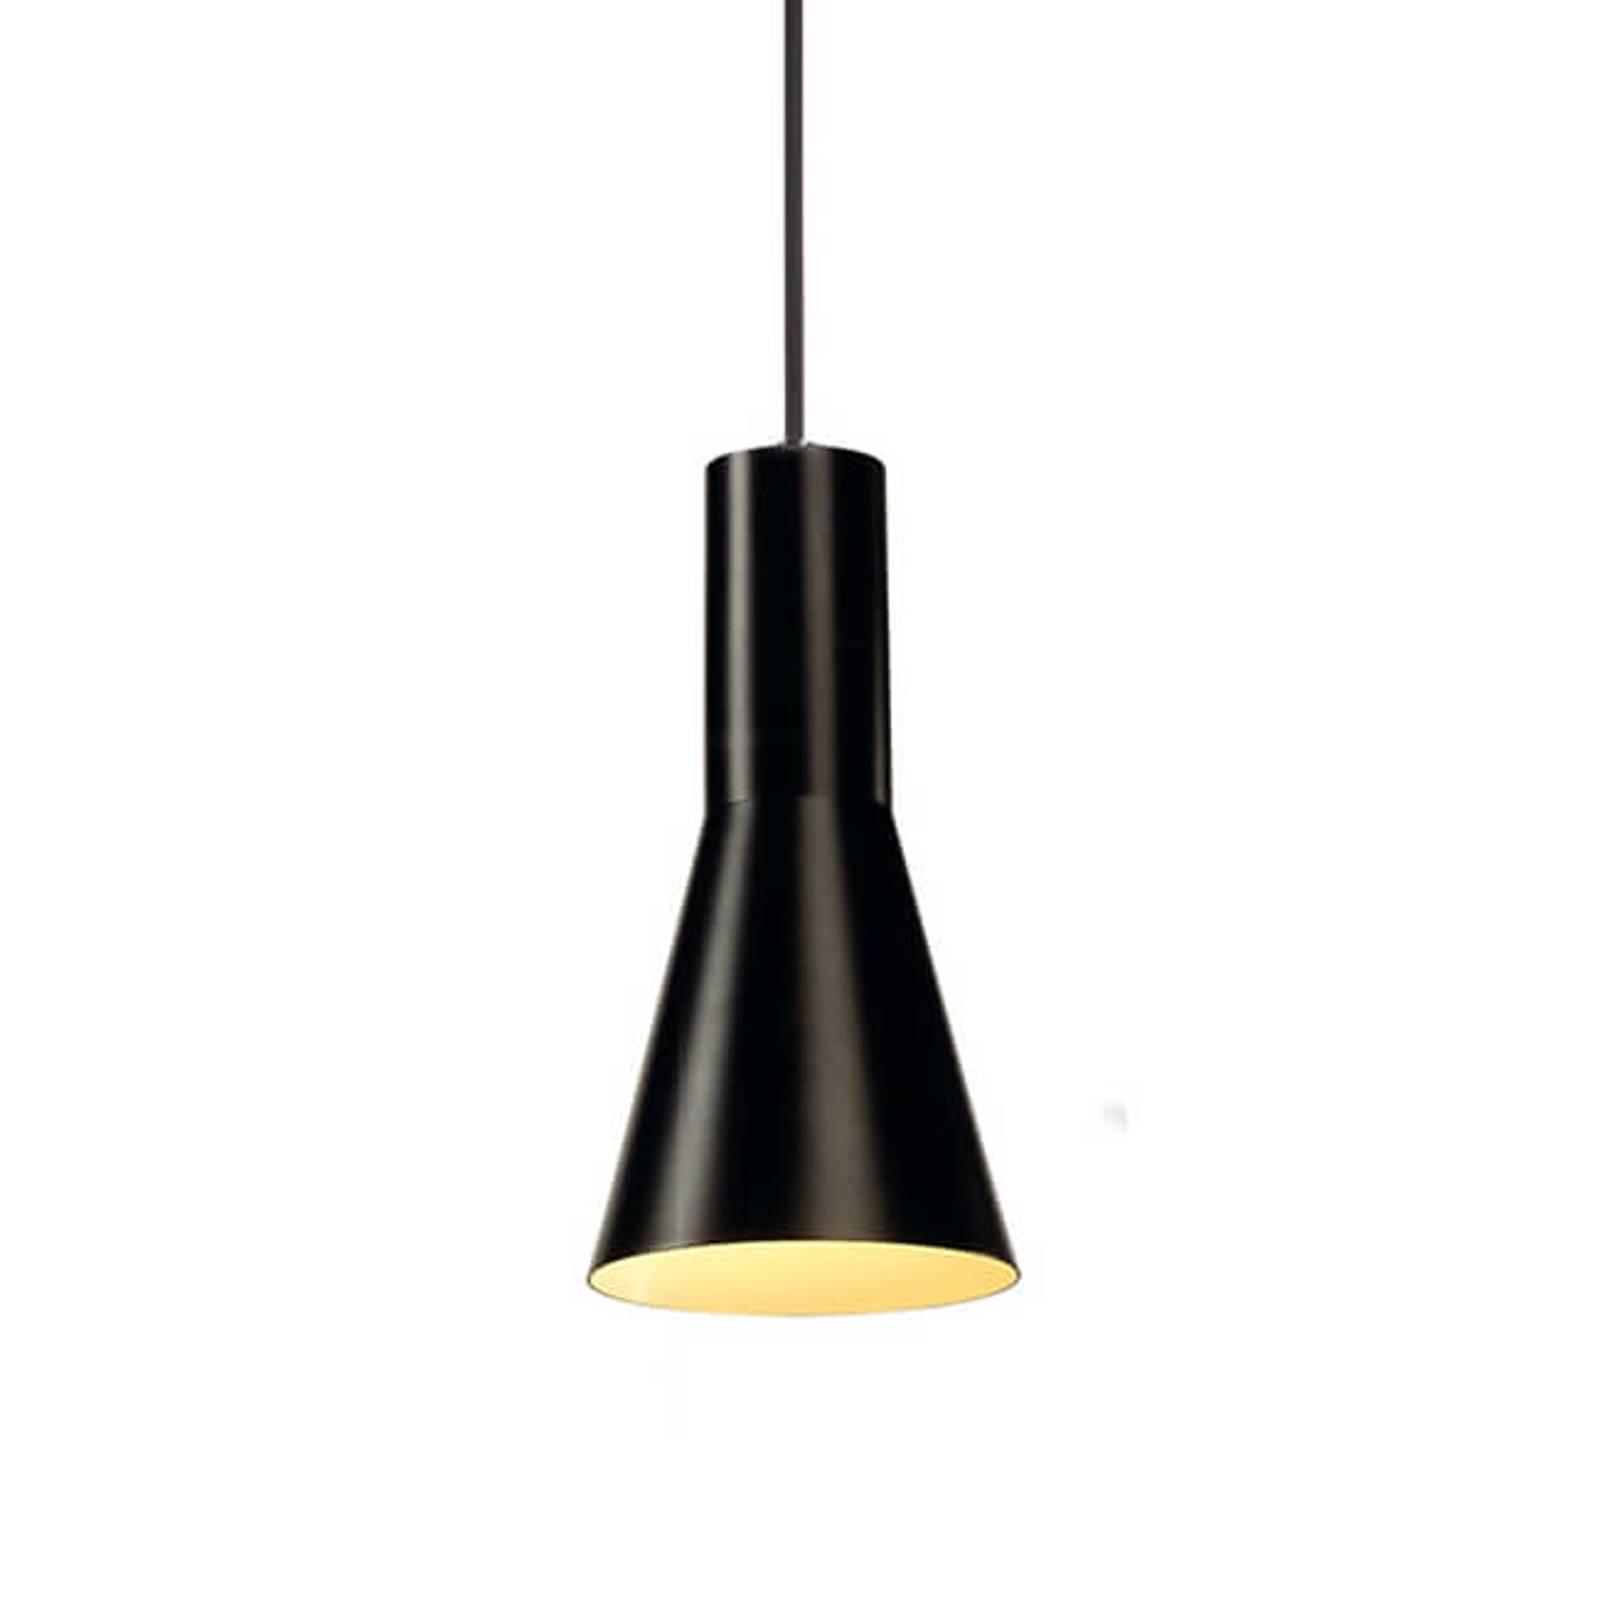 SLV Phelia lampa wisząca czarna 13 cm